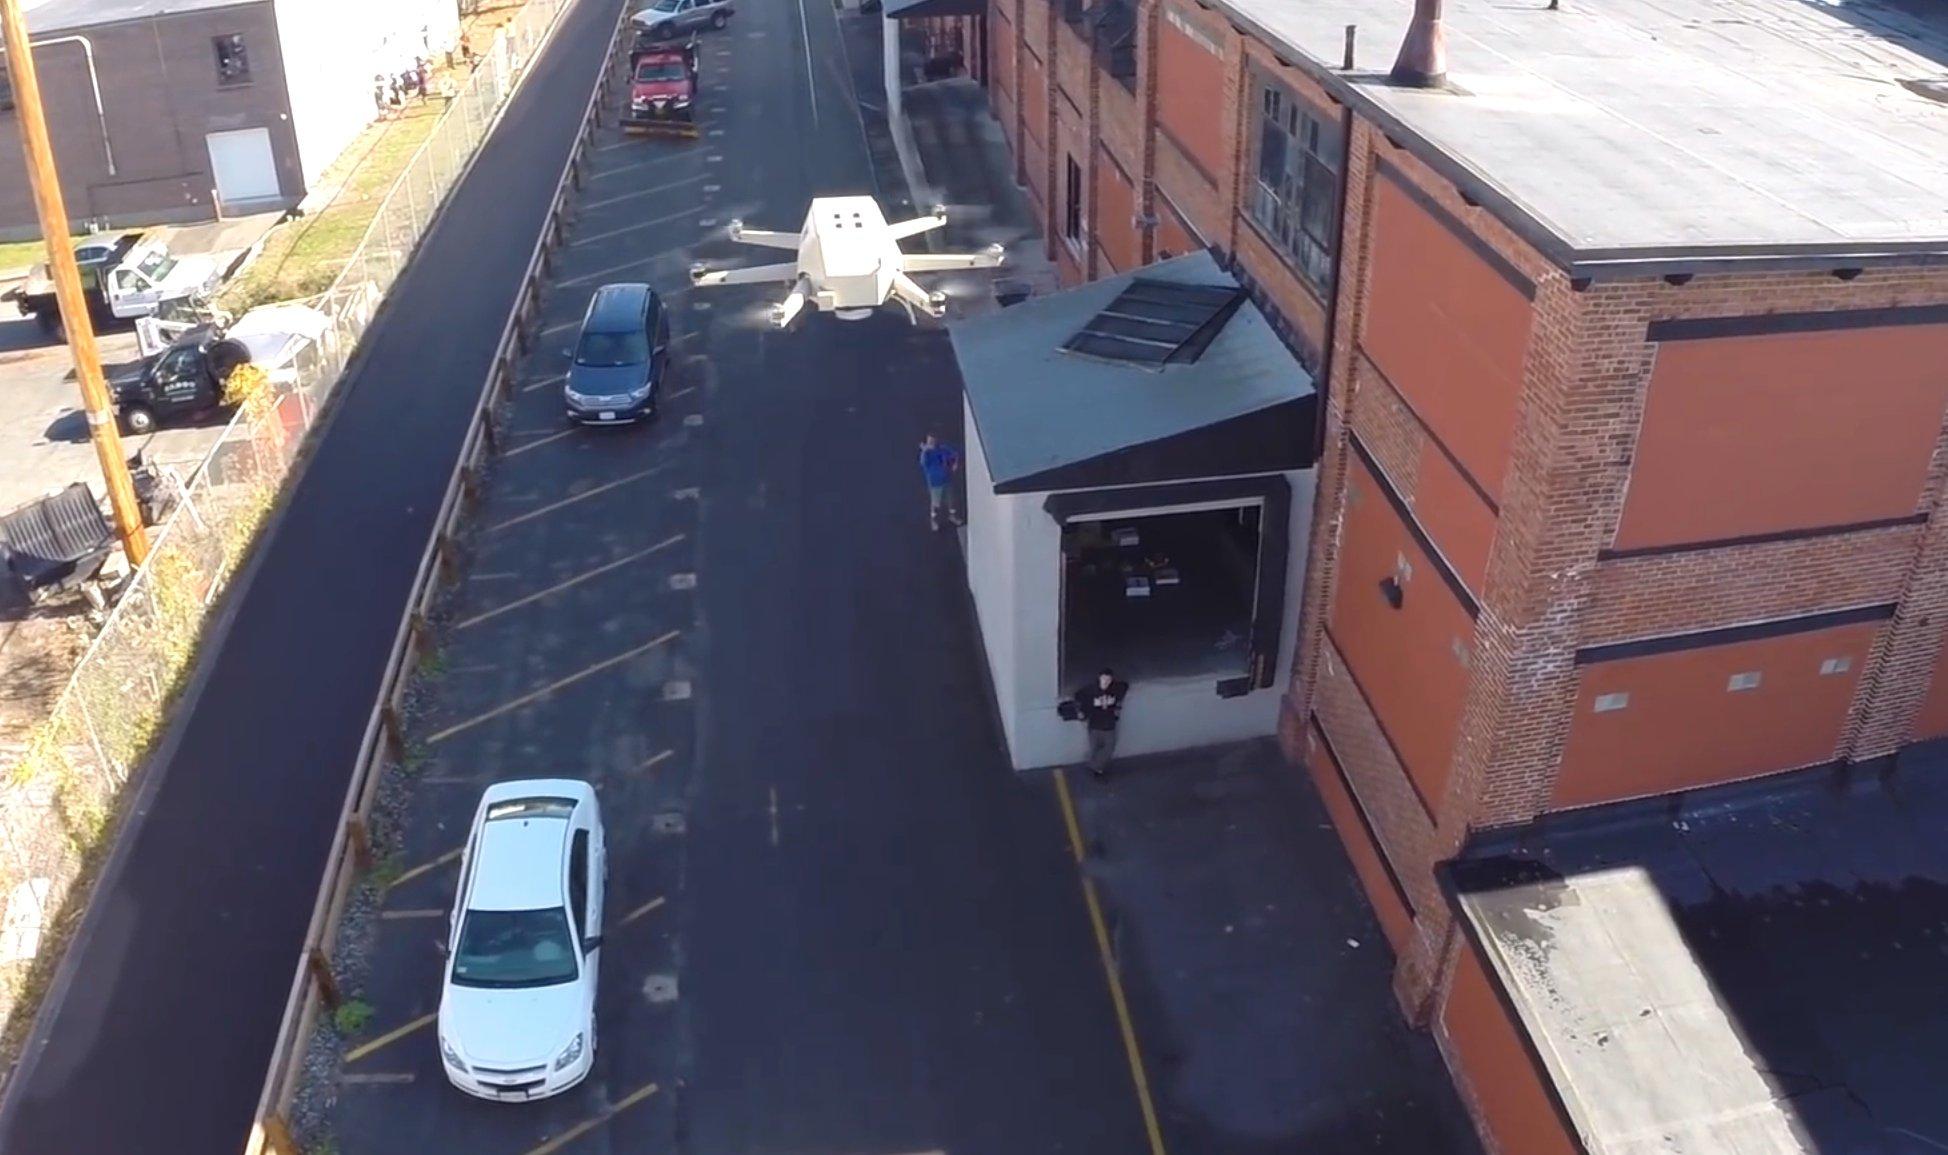 Die Hybrid-Drohne kann bis zu neun Kilogramm transportieren und dank des Benzin-Motors, der den Strom für die sechs Rotoren erzeugt, rund zweieinhalb Stunden fliegen.